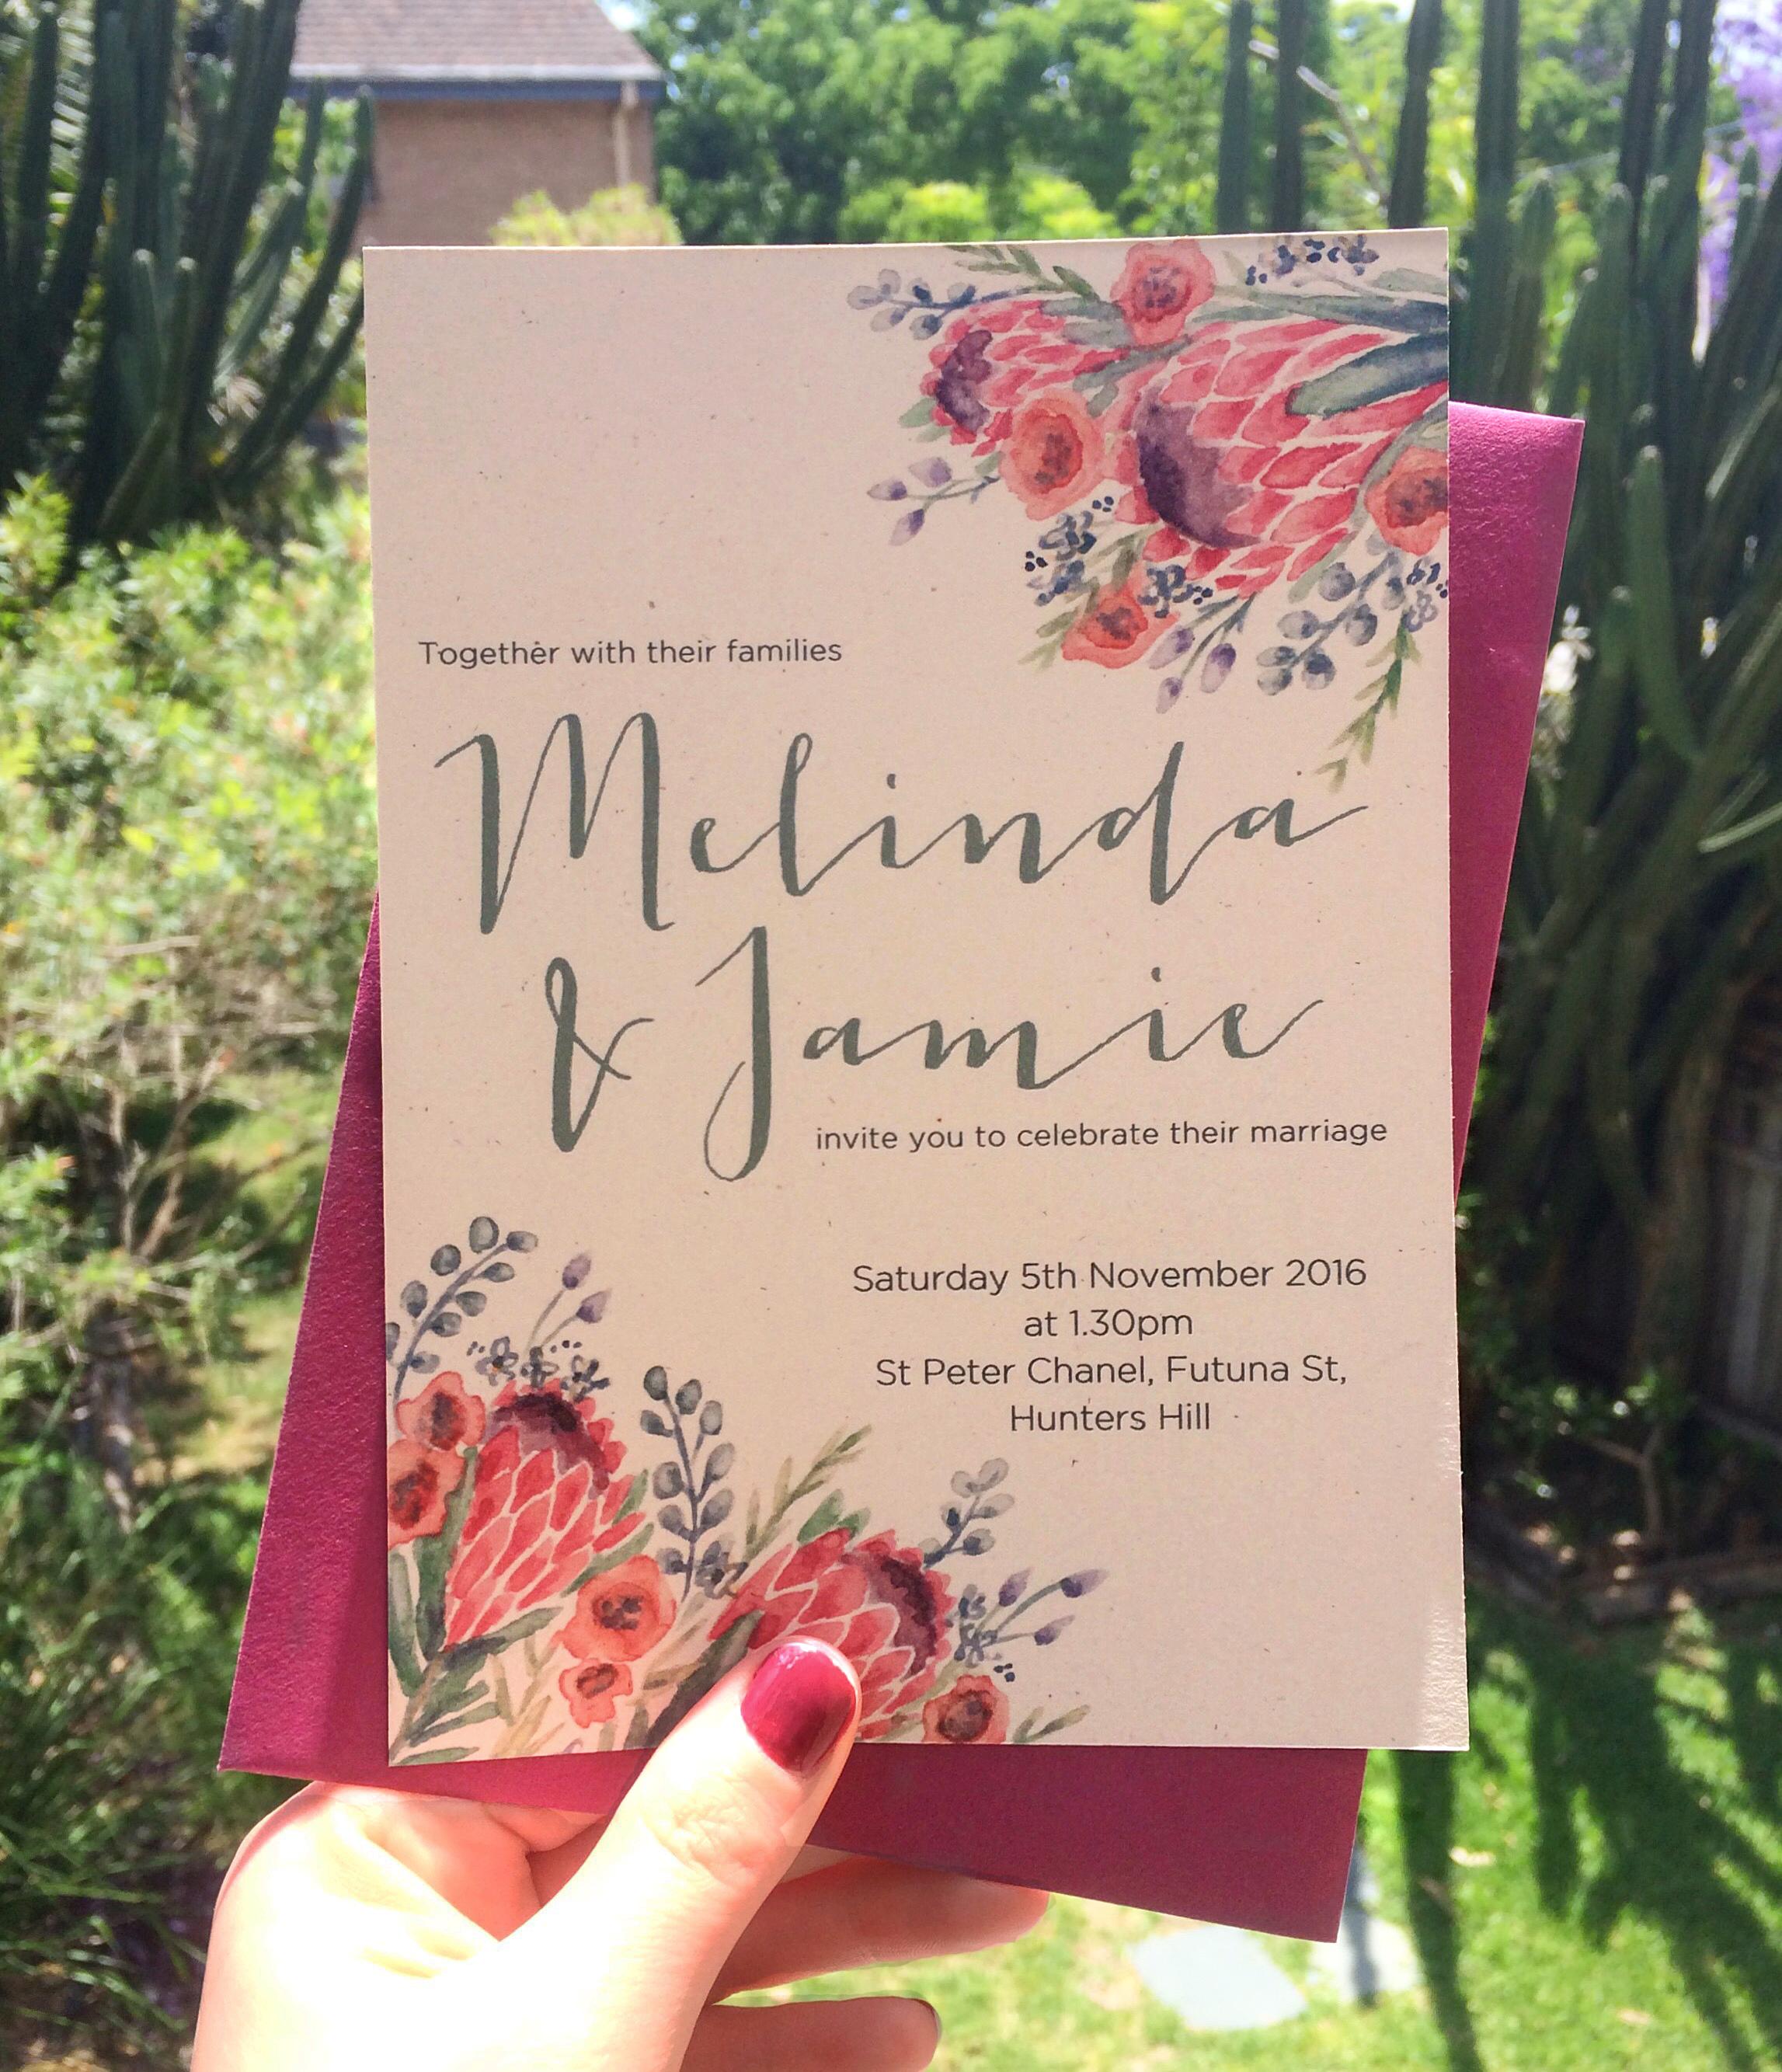 Melinda & Jamie Invite Photo.jpg